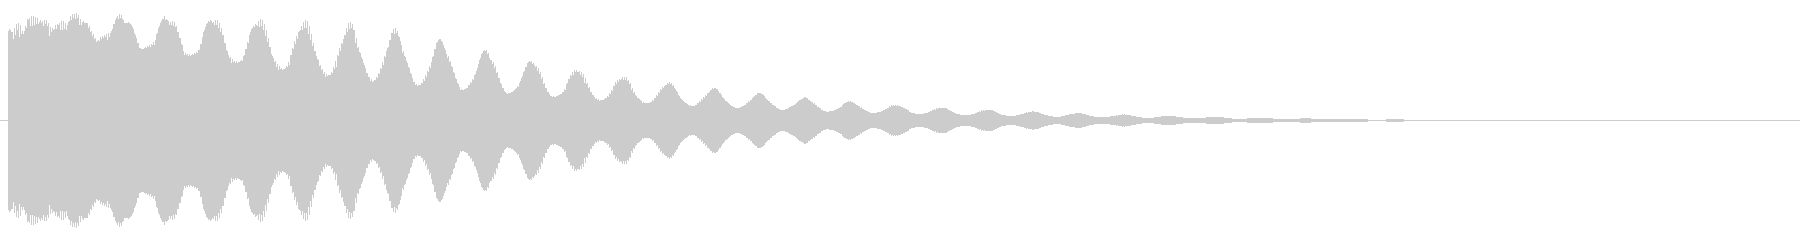 ちーん/お鈴/仏具/仏壇の未再生の波形